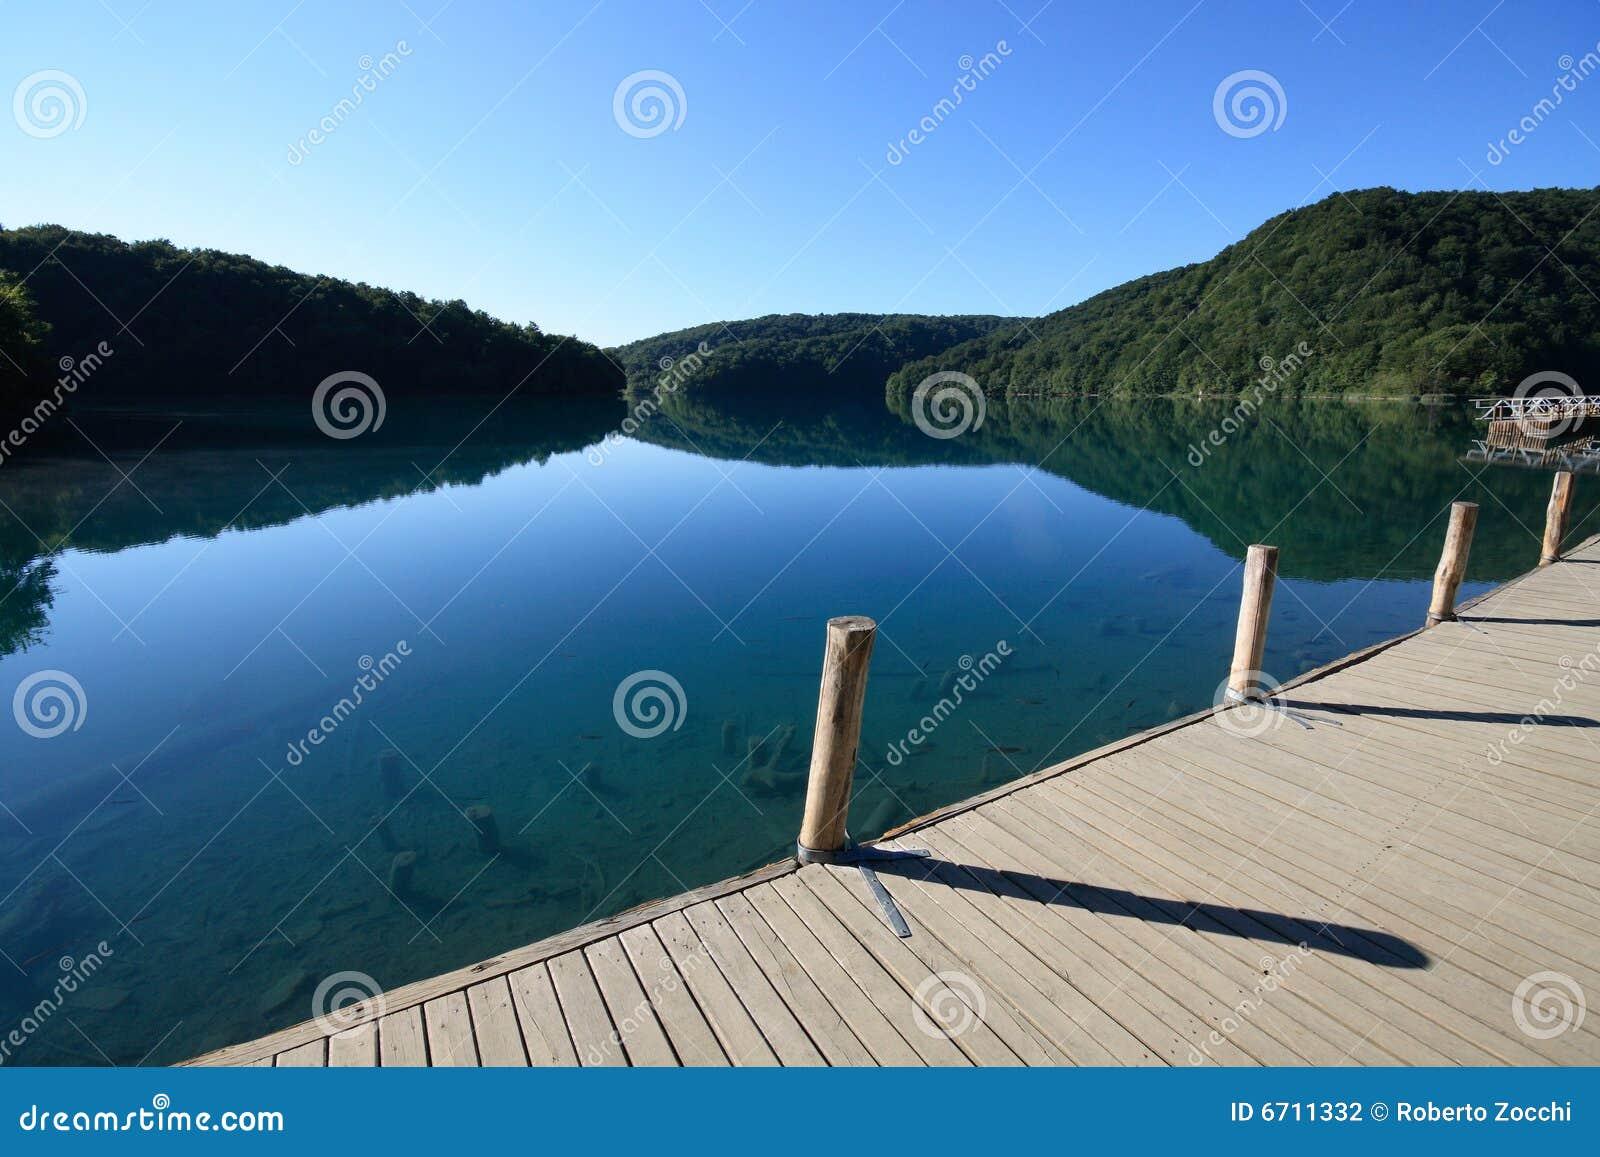 Lago del plitvice - Croazia